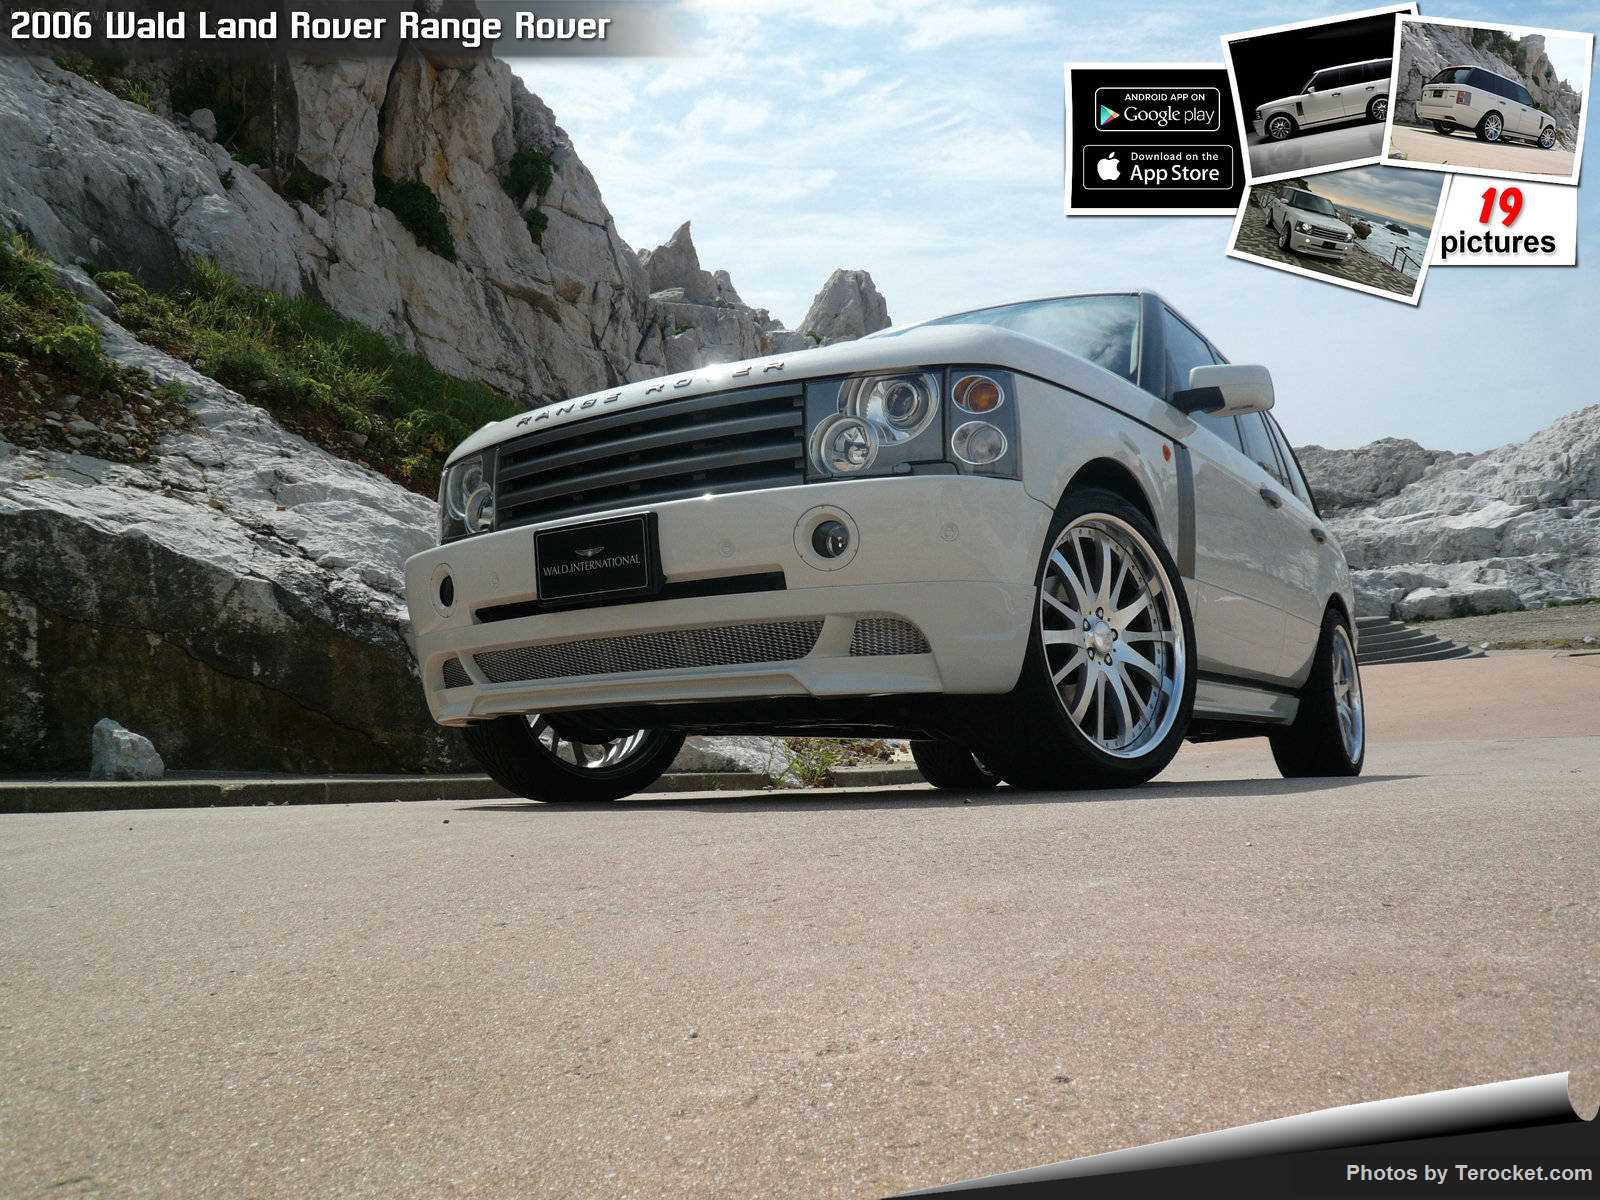 Hình ảnh xe độ Wald Land Rover Range Rover 2006 & nội ngoại thất